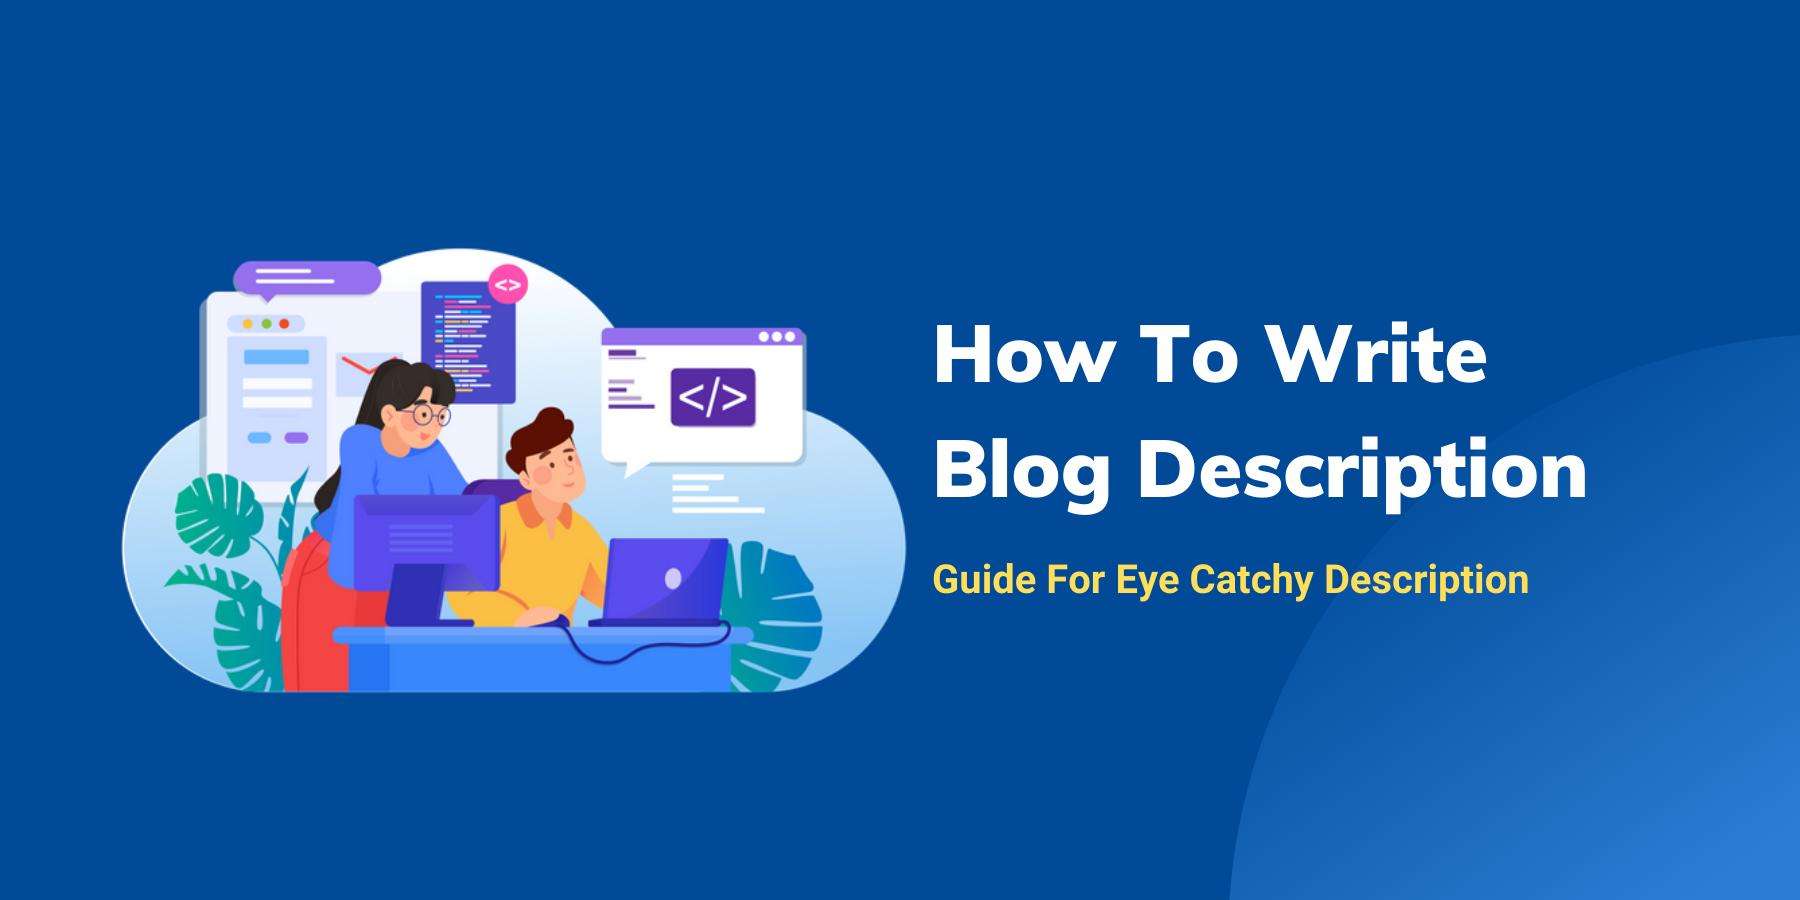 How To Write Blog Description